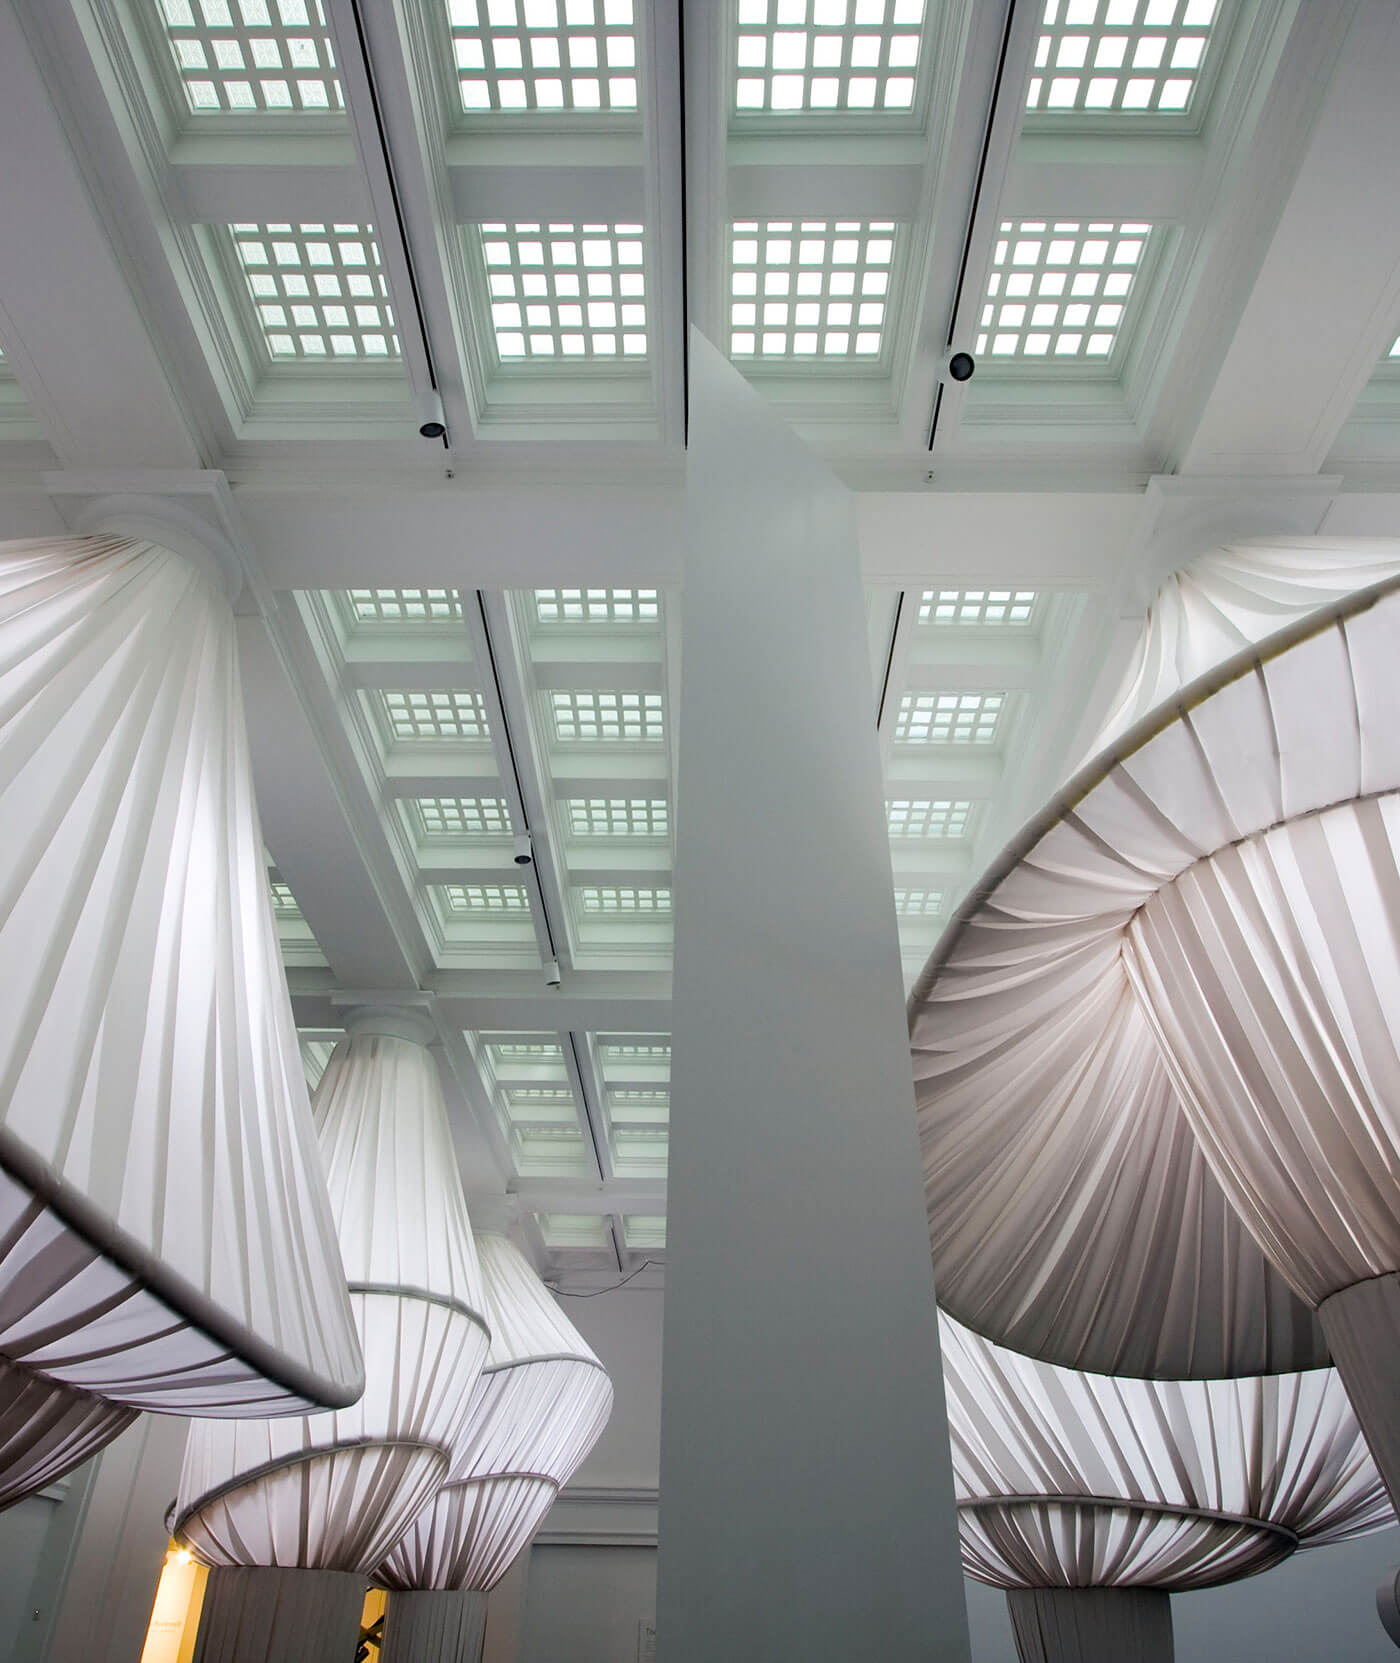 A exposição reOrder no Brooklyn Museum criou a arte usando 1.820 metros de tecidos Sunbrella